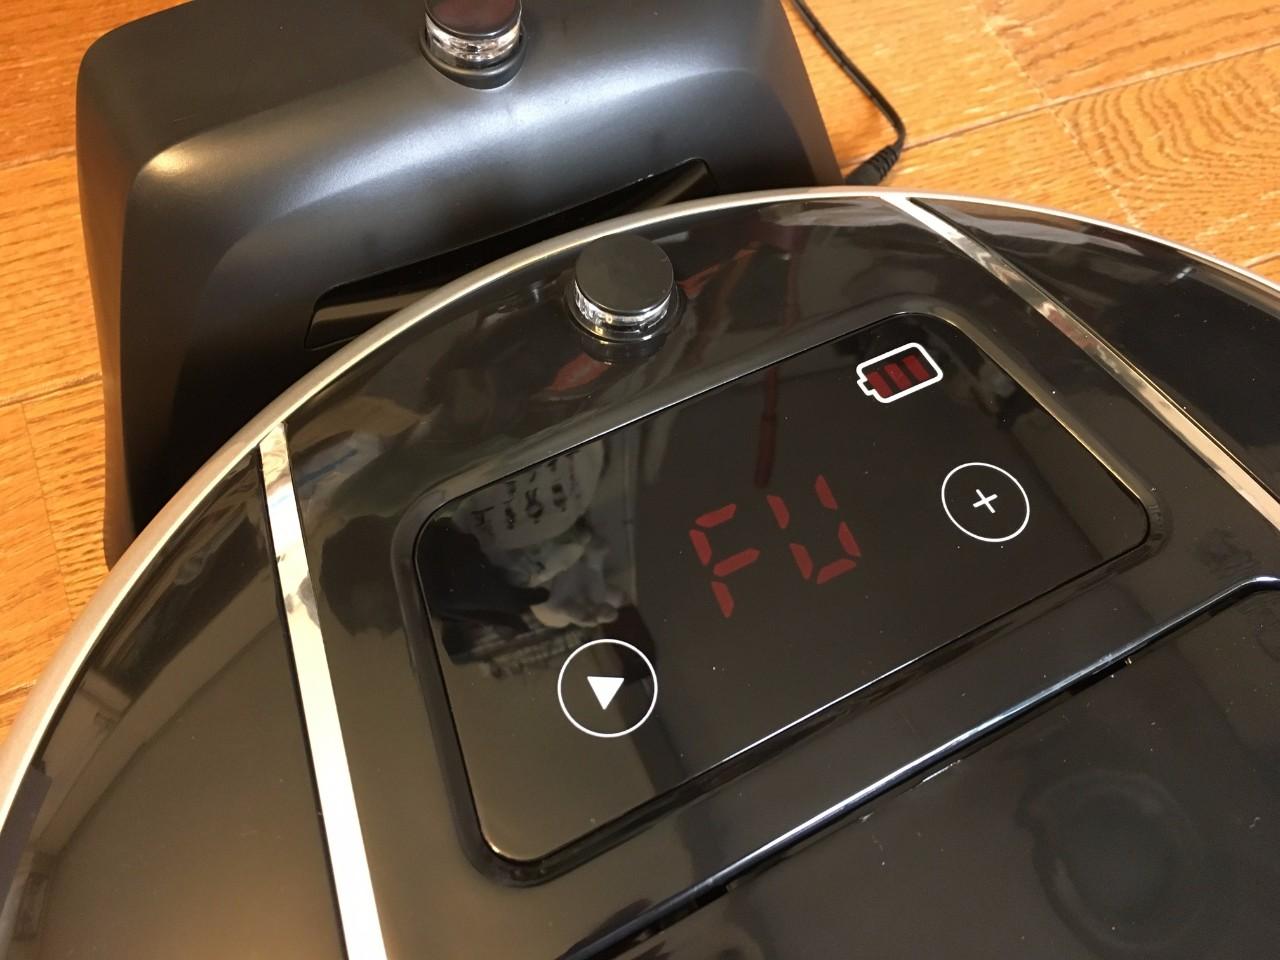 pr-evertop-robotic-vacuum-clean-21